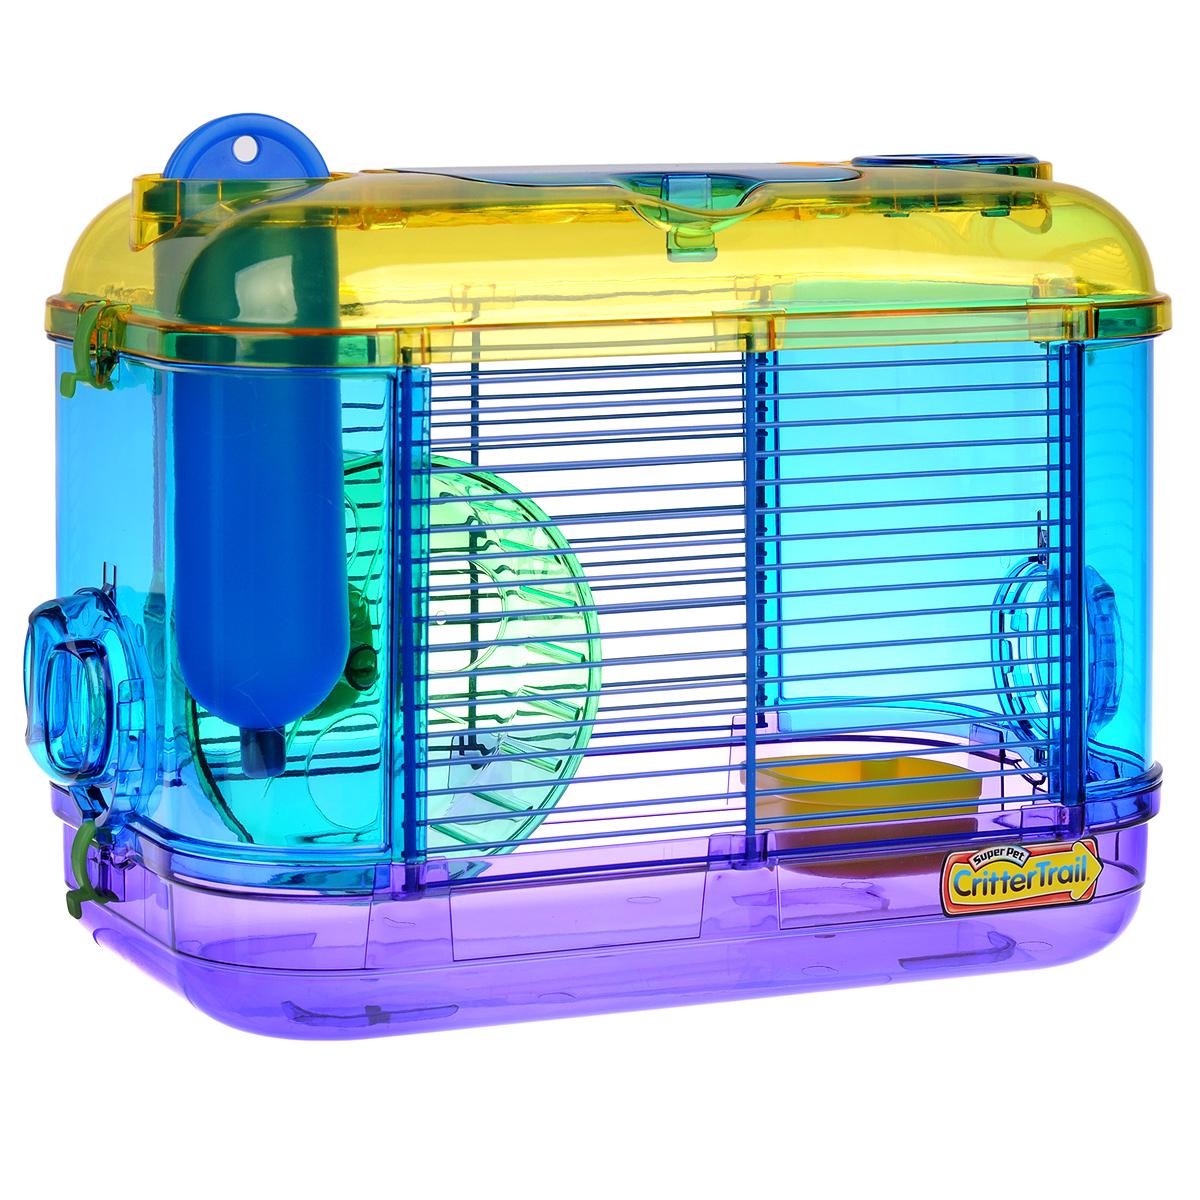 Клетка для грызунов I.P.T.S. Mini, с игровым комплексом, 32 см х 20 см х 24 смDCC1048SНебольшая клетка снабжена всем необходимым для отдыха и активной жизни грызунов. Подходит для мышей, песчанок, хомяков. Клетка оборудована мини игровым комплексом, колесом для подвижных игр, кормушкой и поилкой. Клетка выполнена из прозрачного пластика. Надежно закрывается на защелки. Такая клетка станет уединенным личным пространством и уютным домиком для маленького грызуна.